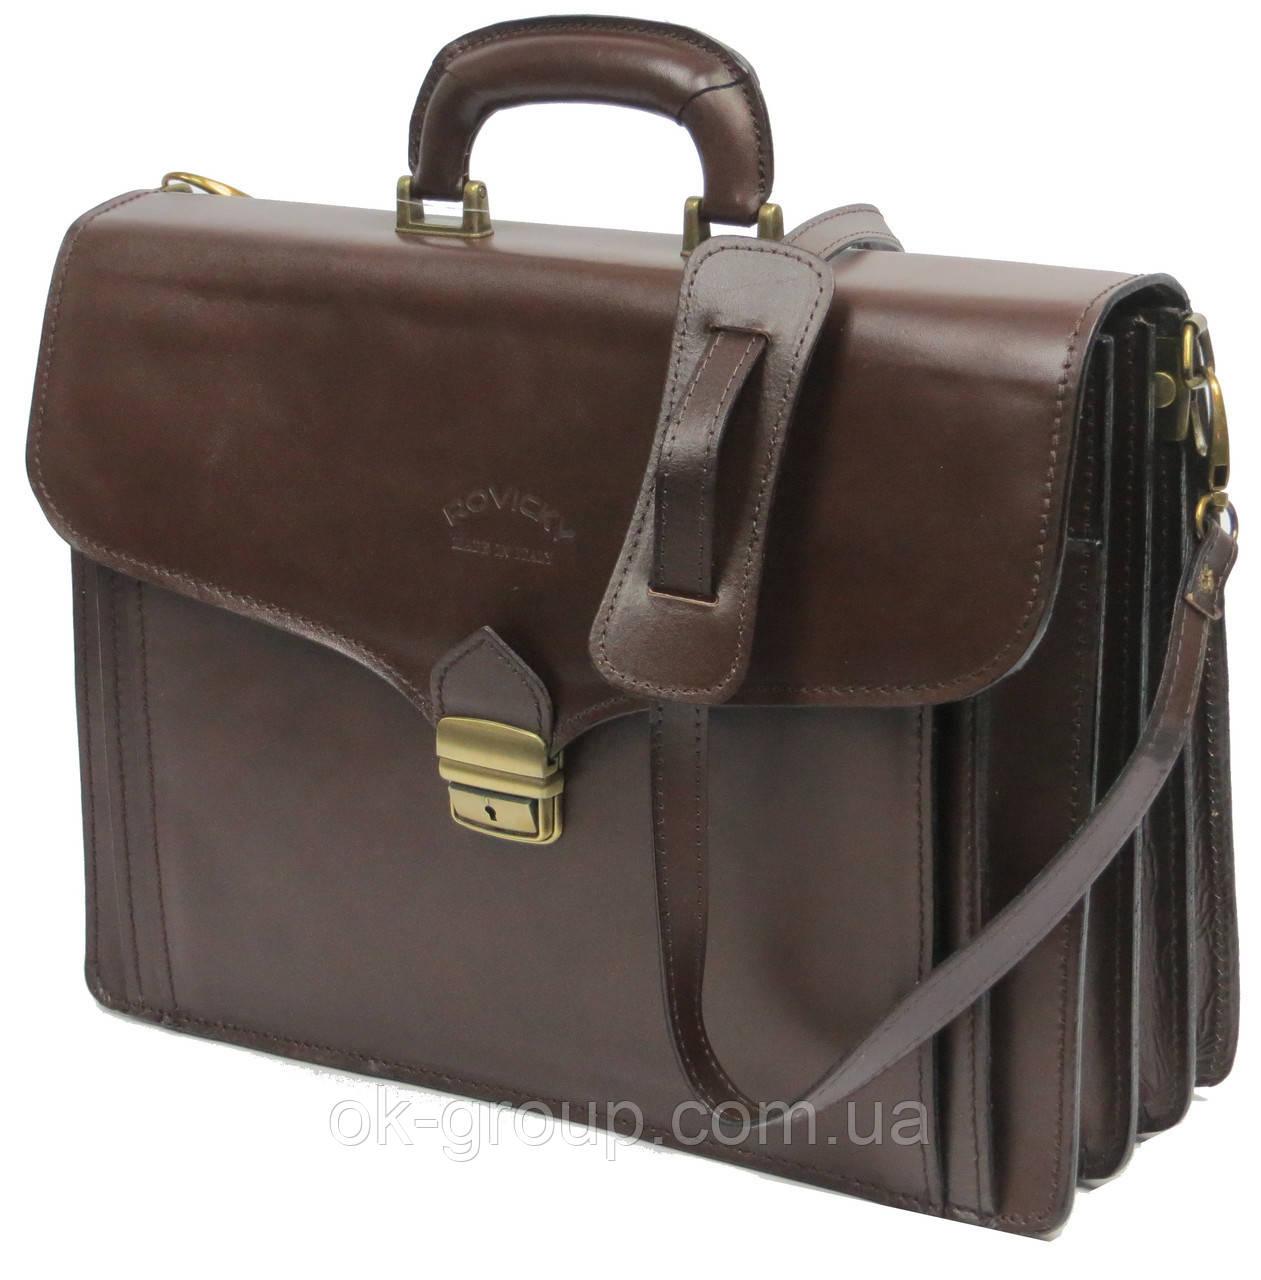 Портфель из натуральной кожи Rovicky AWR-6-2 темно-коричневый